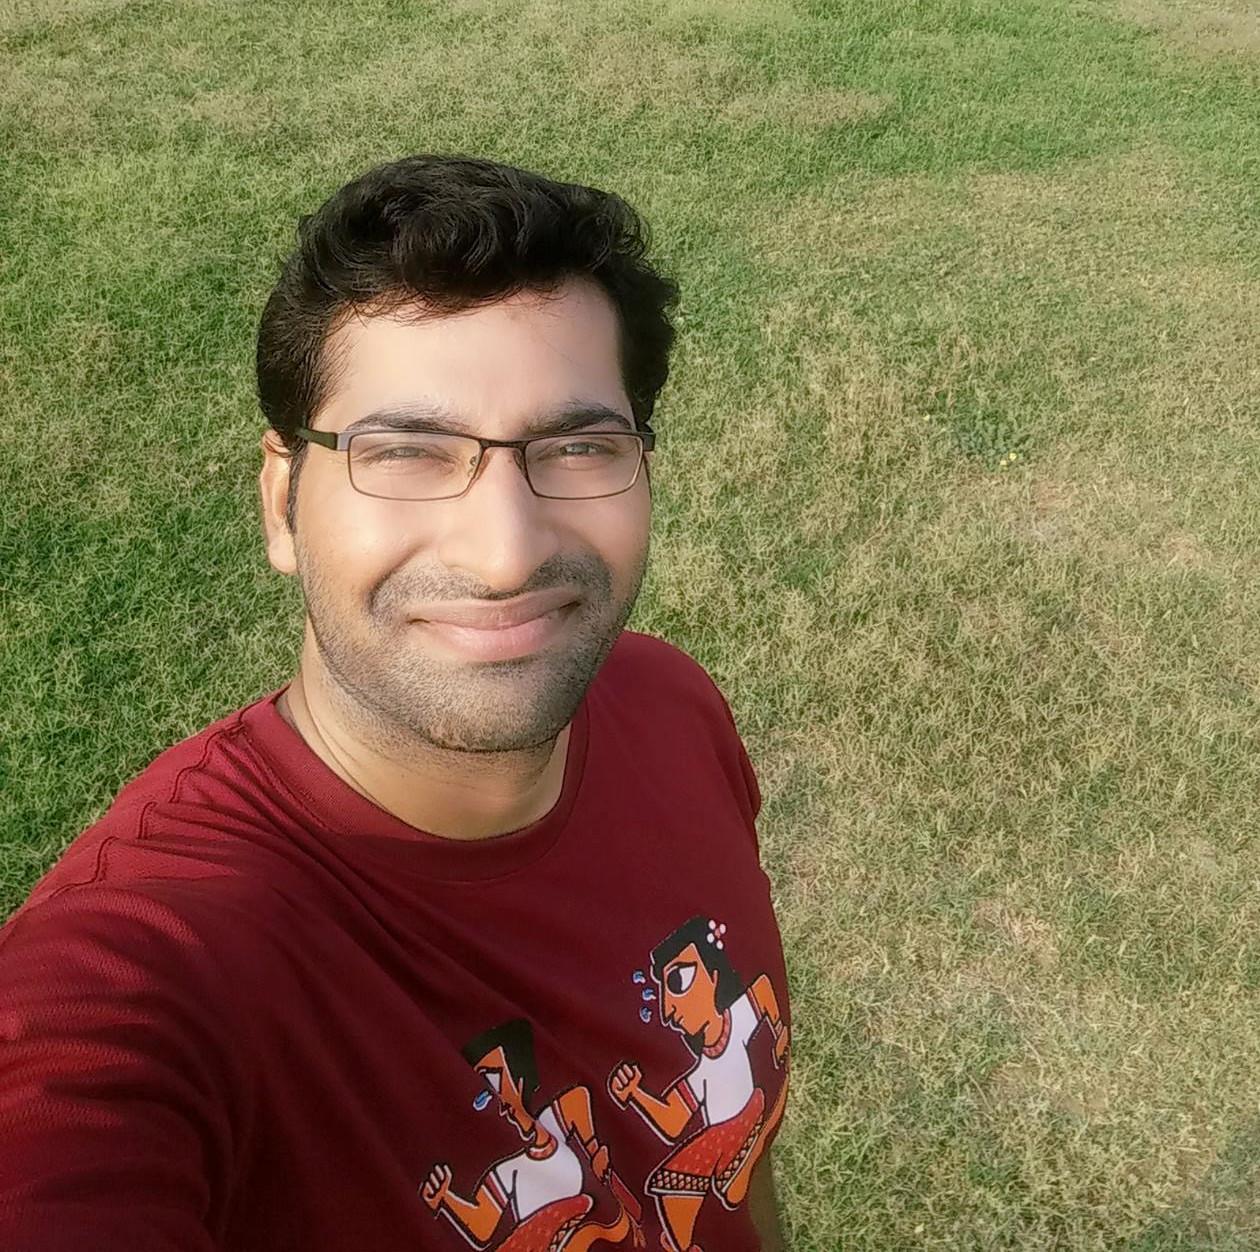 sai_raghuram_mynampati